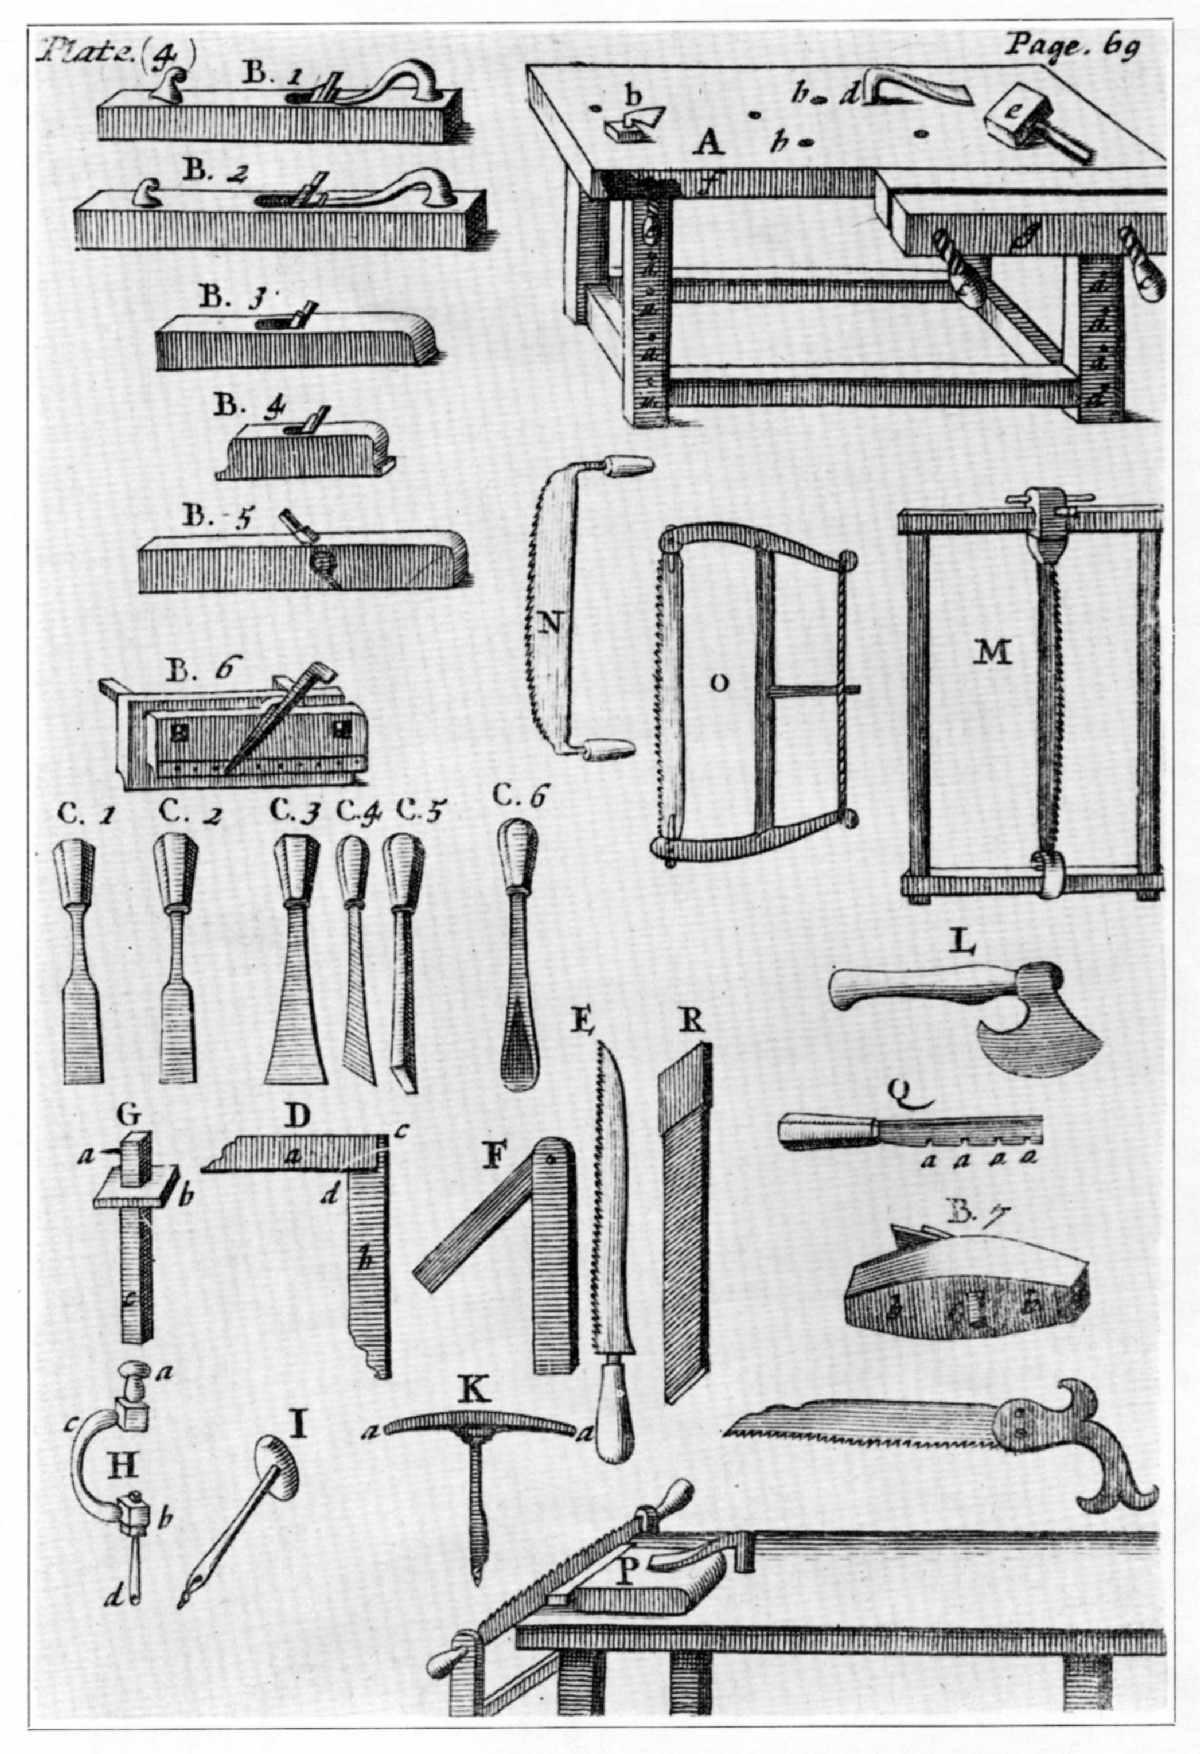 Vintage style sketch of multiple old lumbermen tools